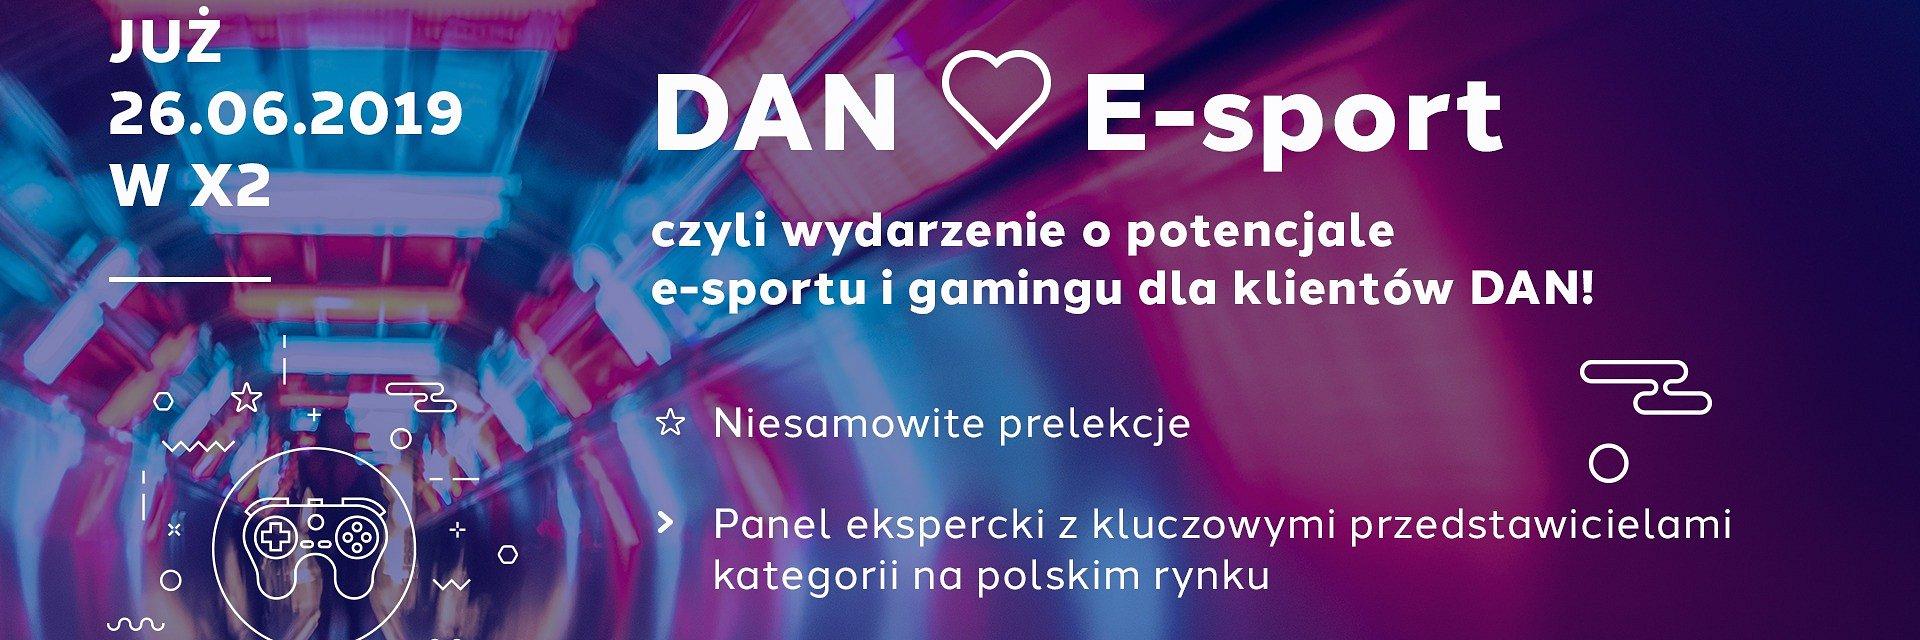 Dentsu Session o e-sporcie w Dentsu Aegis Network Polska